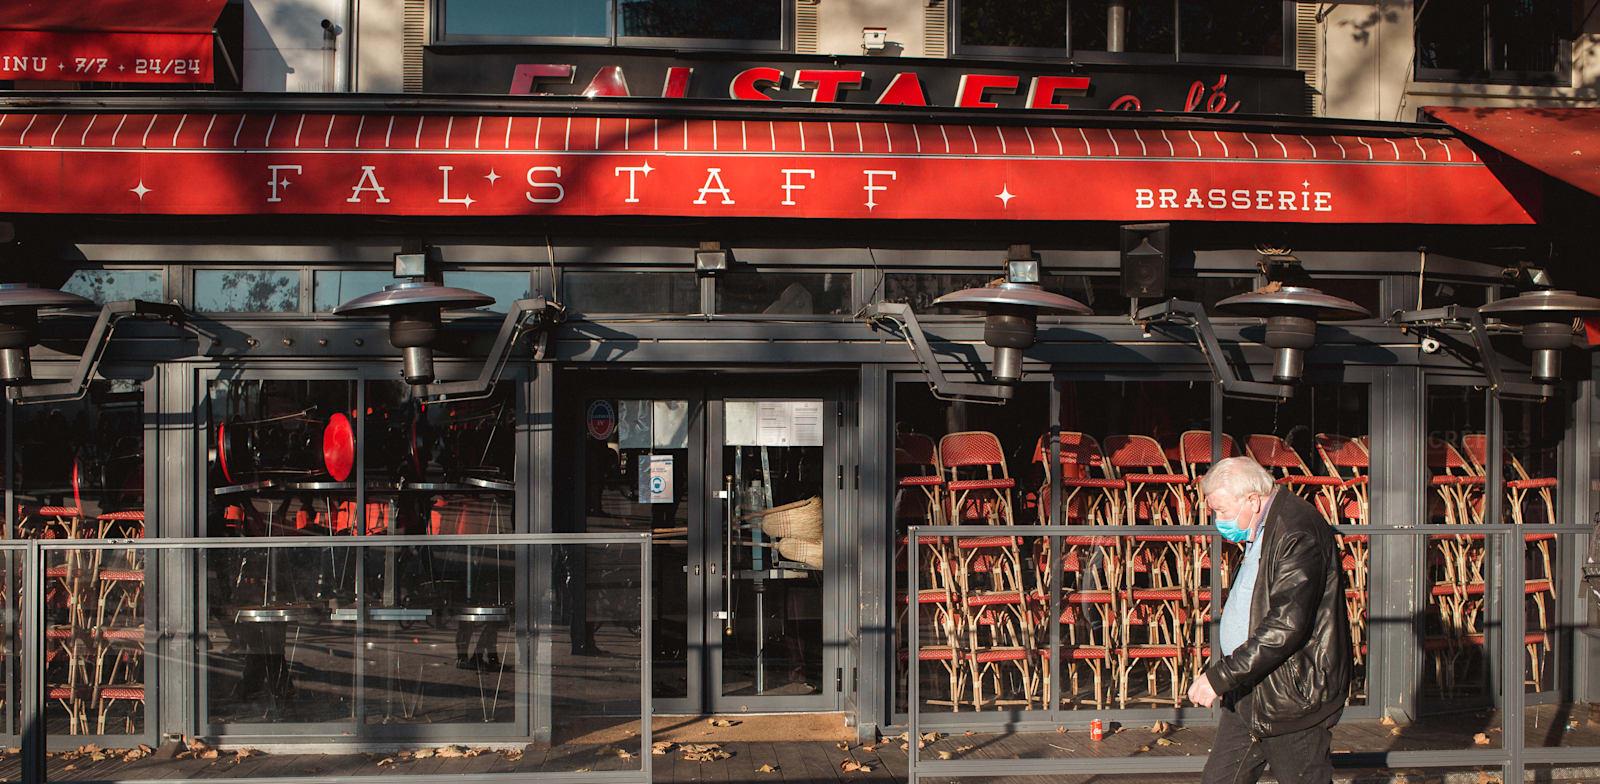 מסעדה סגורה בפריז, צרפת. מספר העובדים הזמניים באיחוד האירופי ירד ב־4.3 מיליון ב־2020 / צילום: Reuters, Léo Pierre